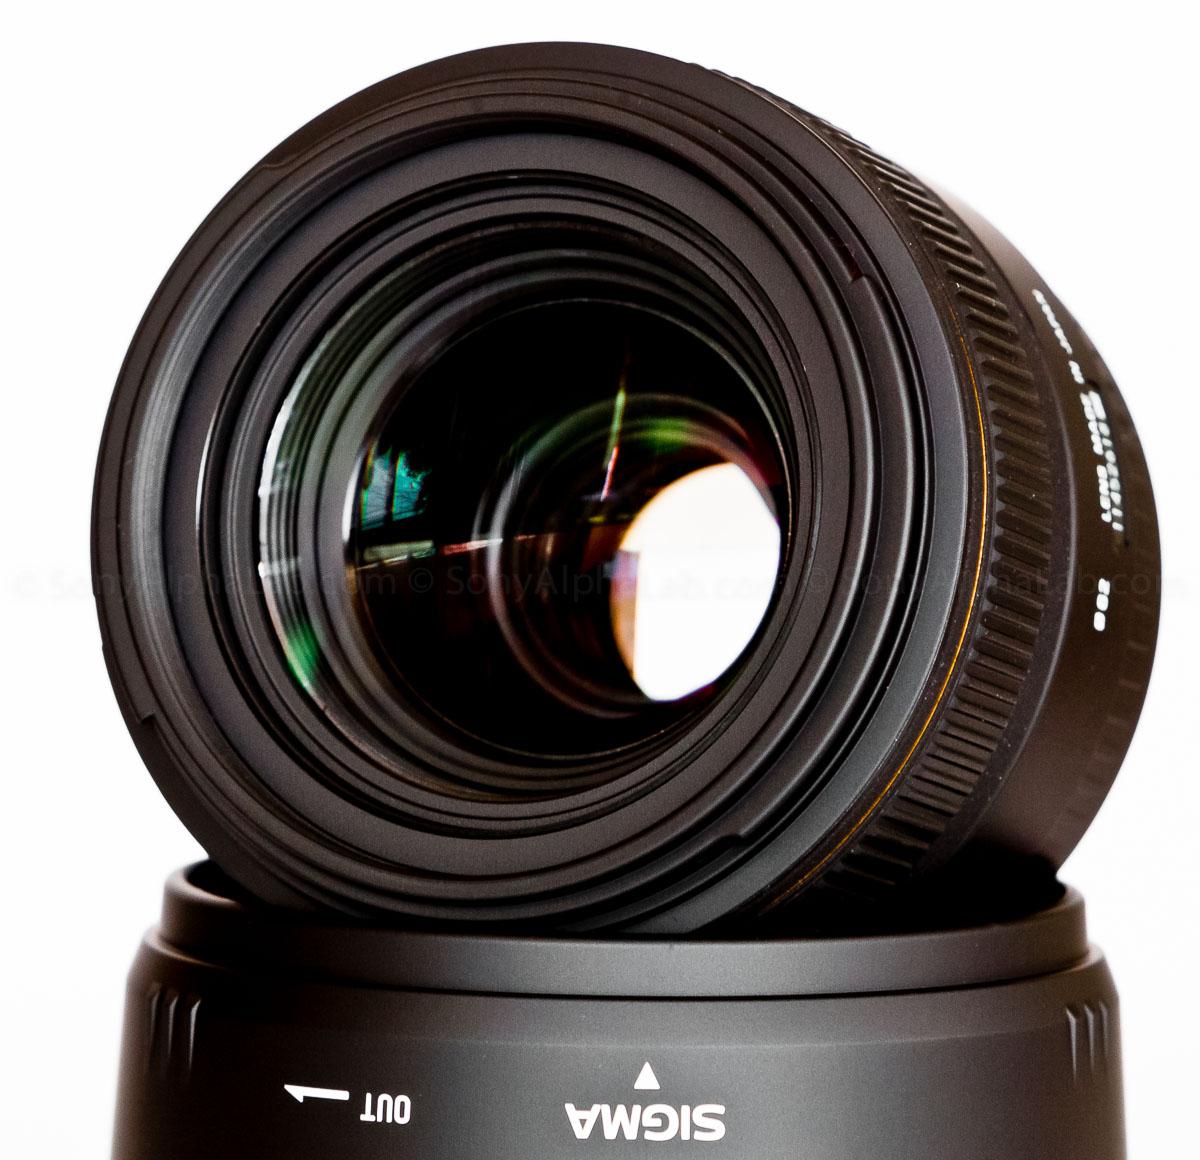 Sigma 30mm f/1.4 EX DC Lens Review